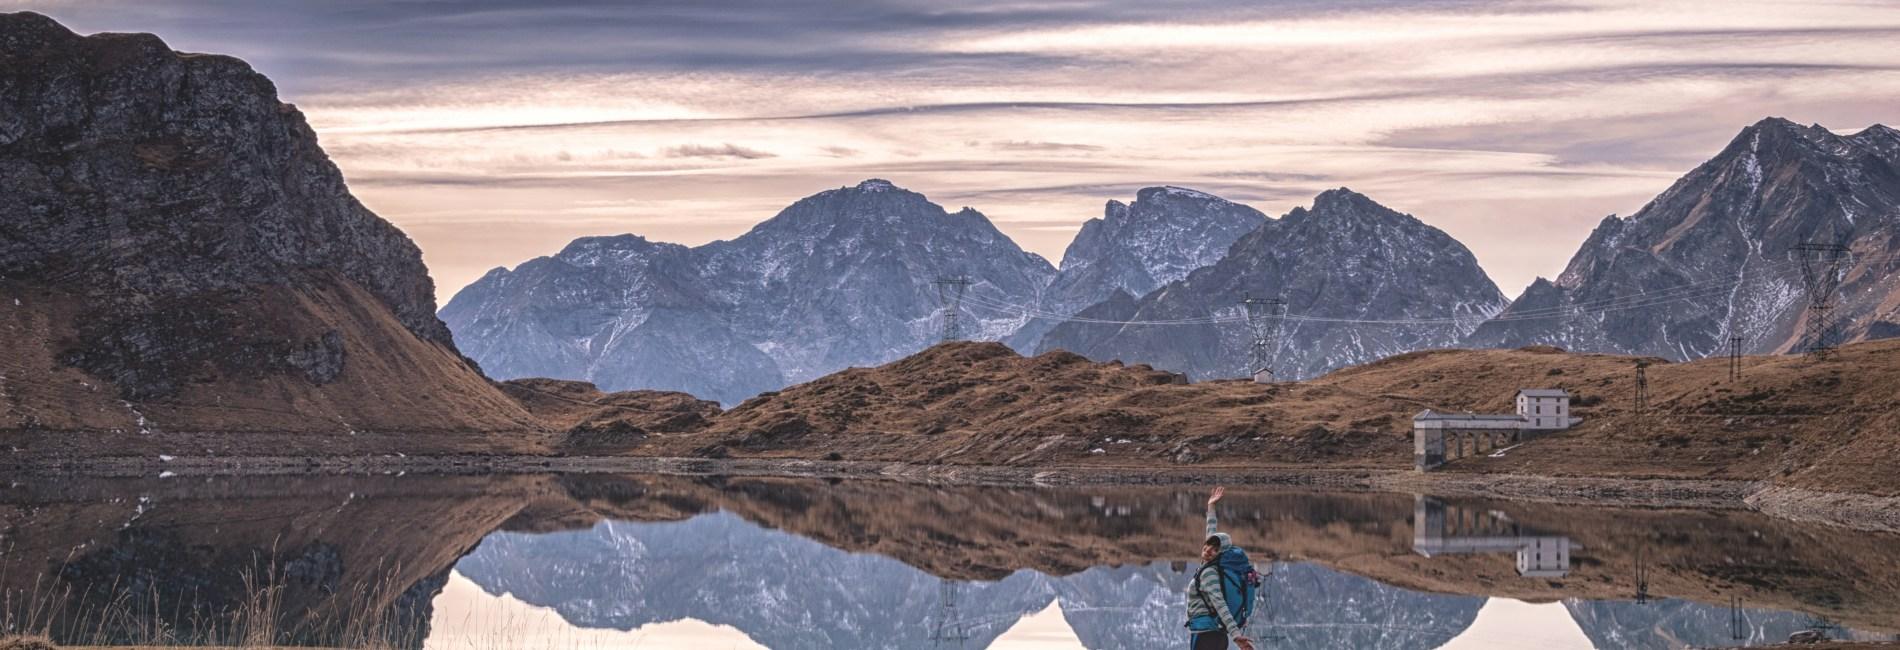 Laghi alpini: emozionanti specchi d'acqua immersi nel silenzio